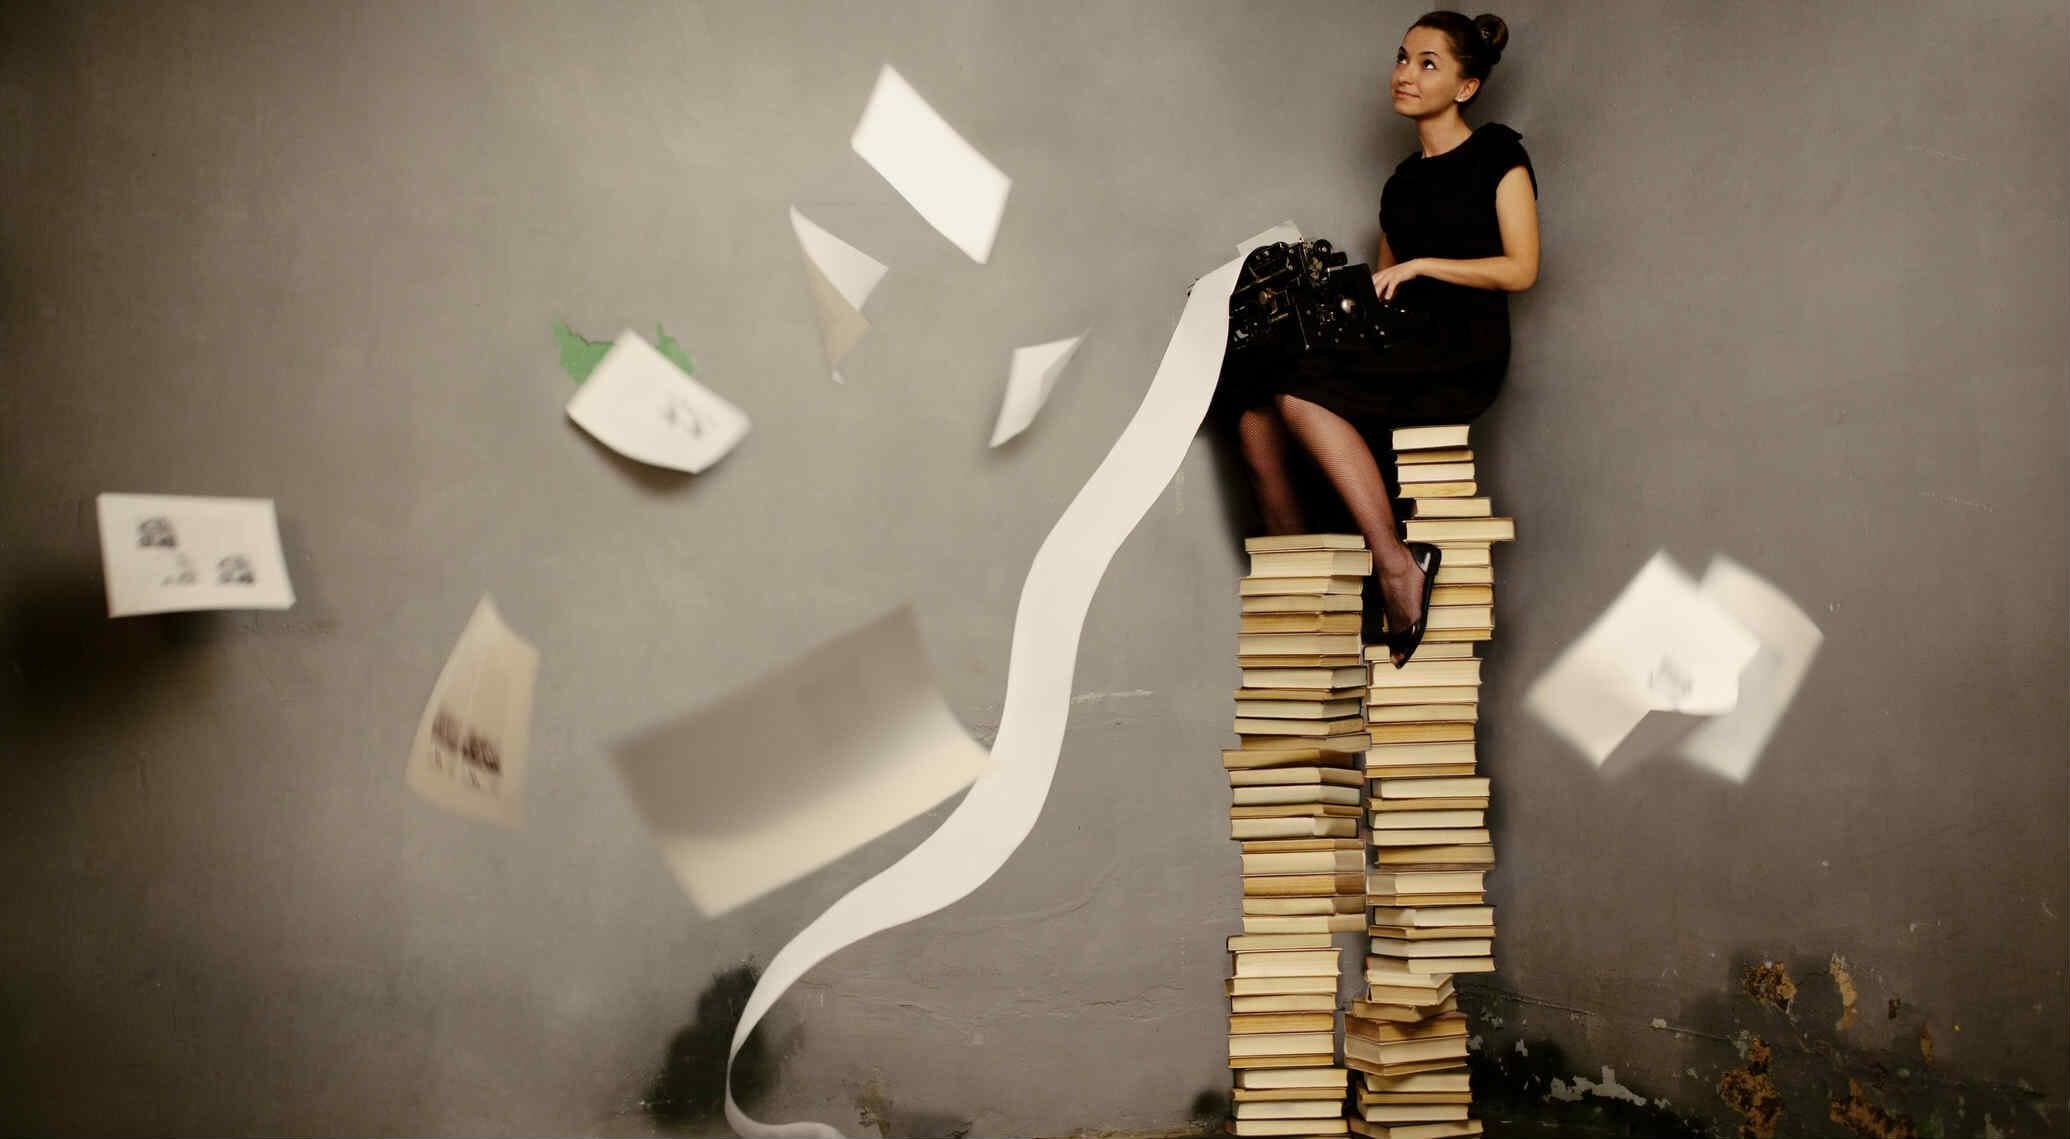 Aspiranti autori, sono aperte le iscrizioni alla decima edizione del torneo letterario IoScrittore